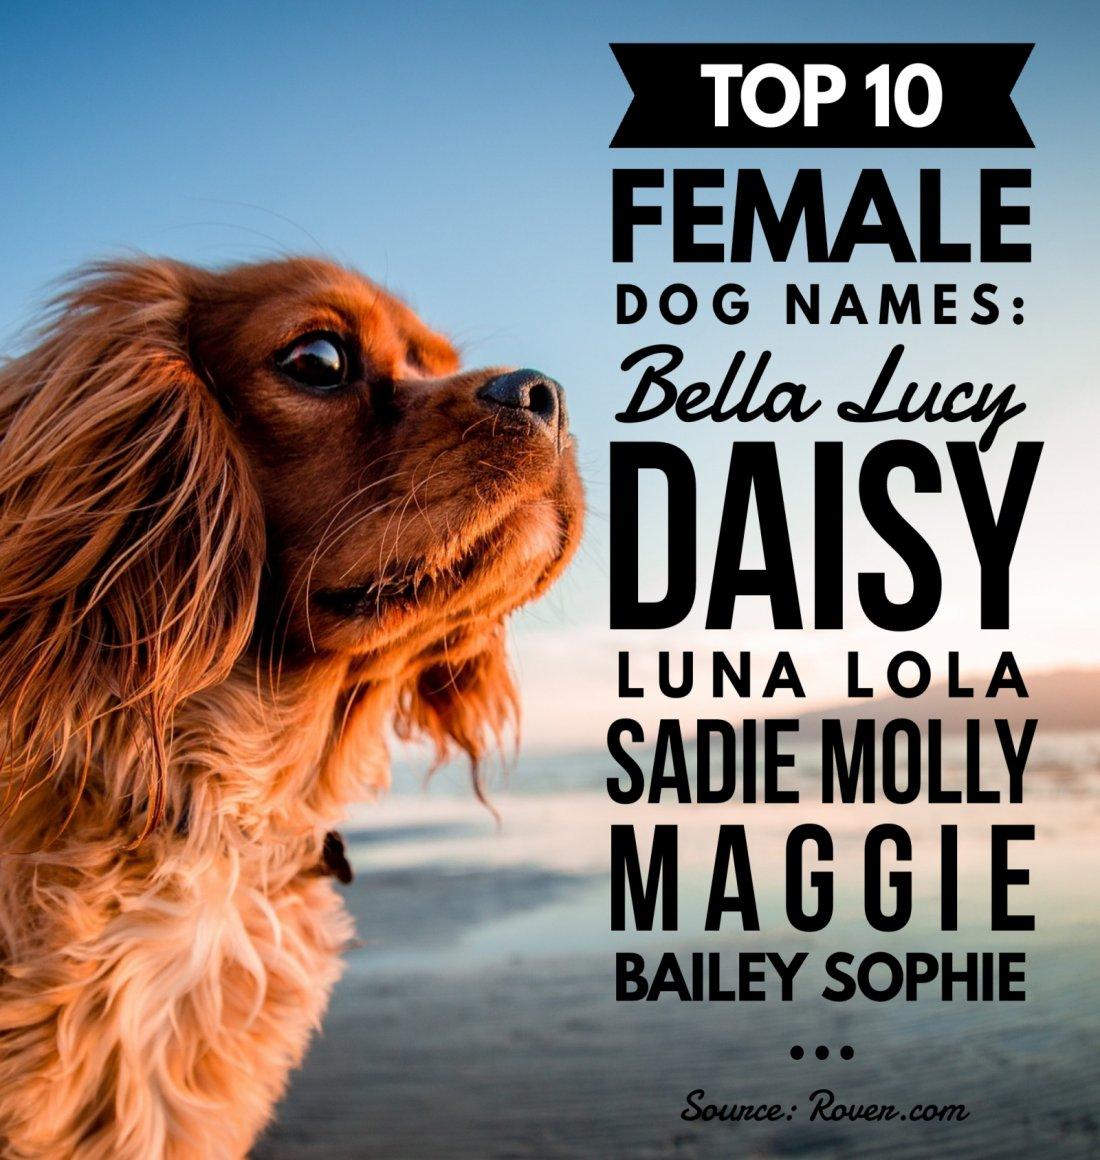 Top 10 Female Dog Names